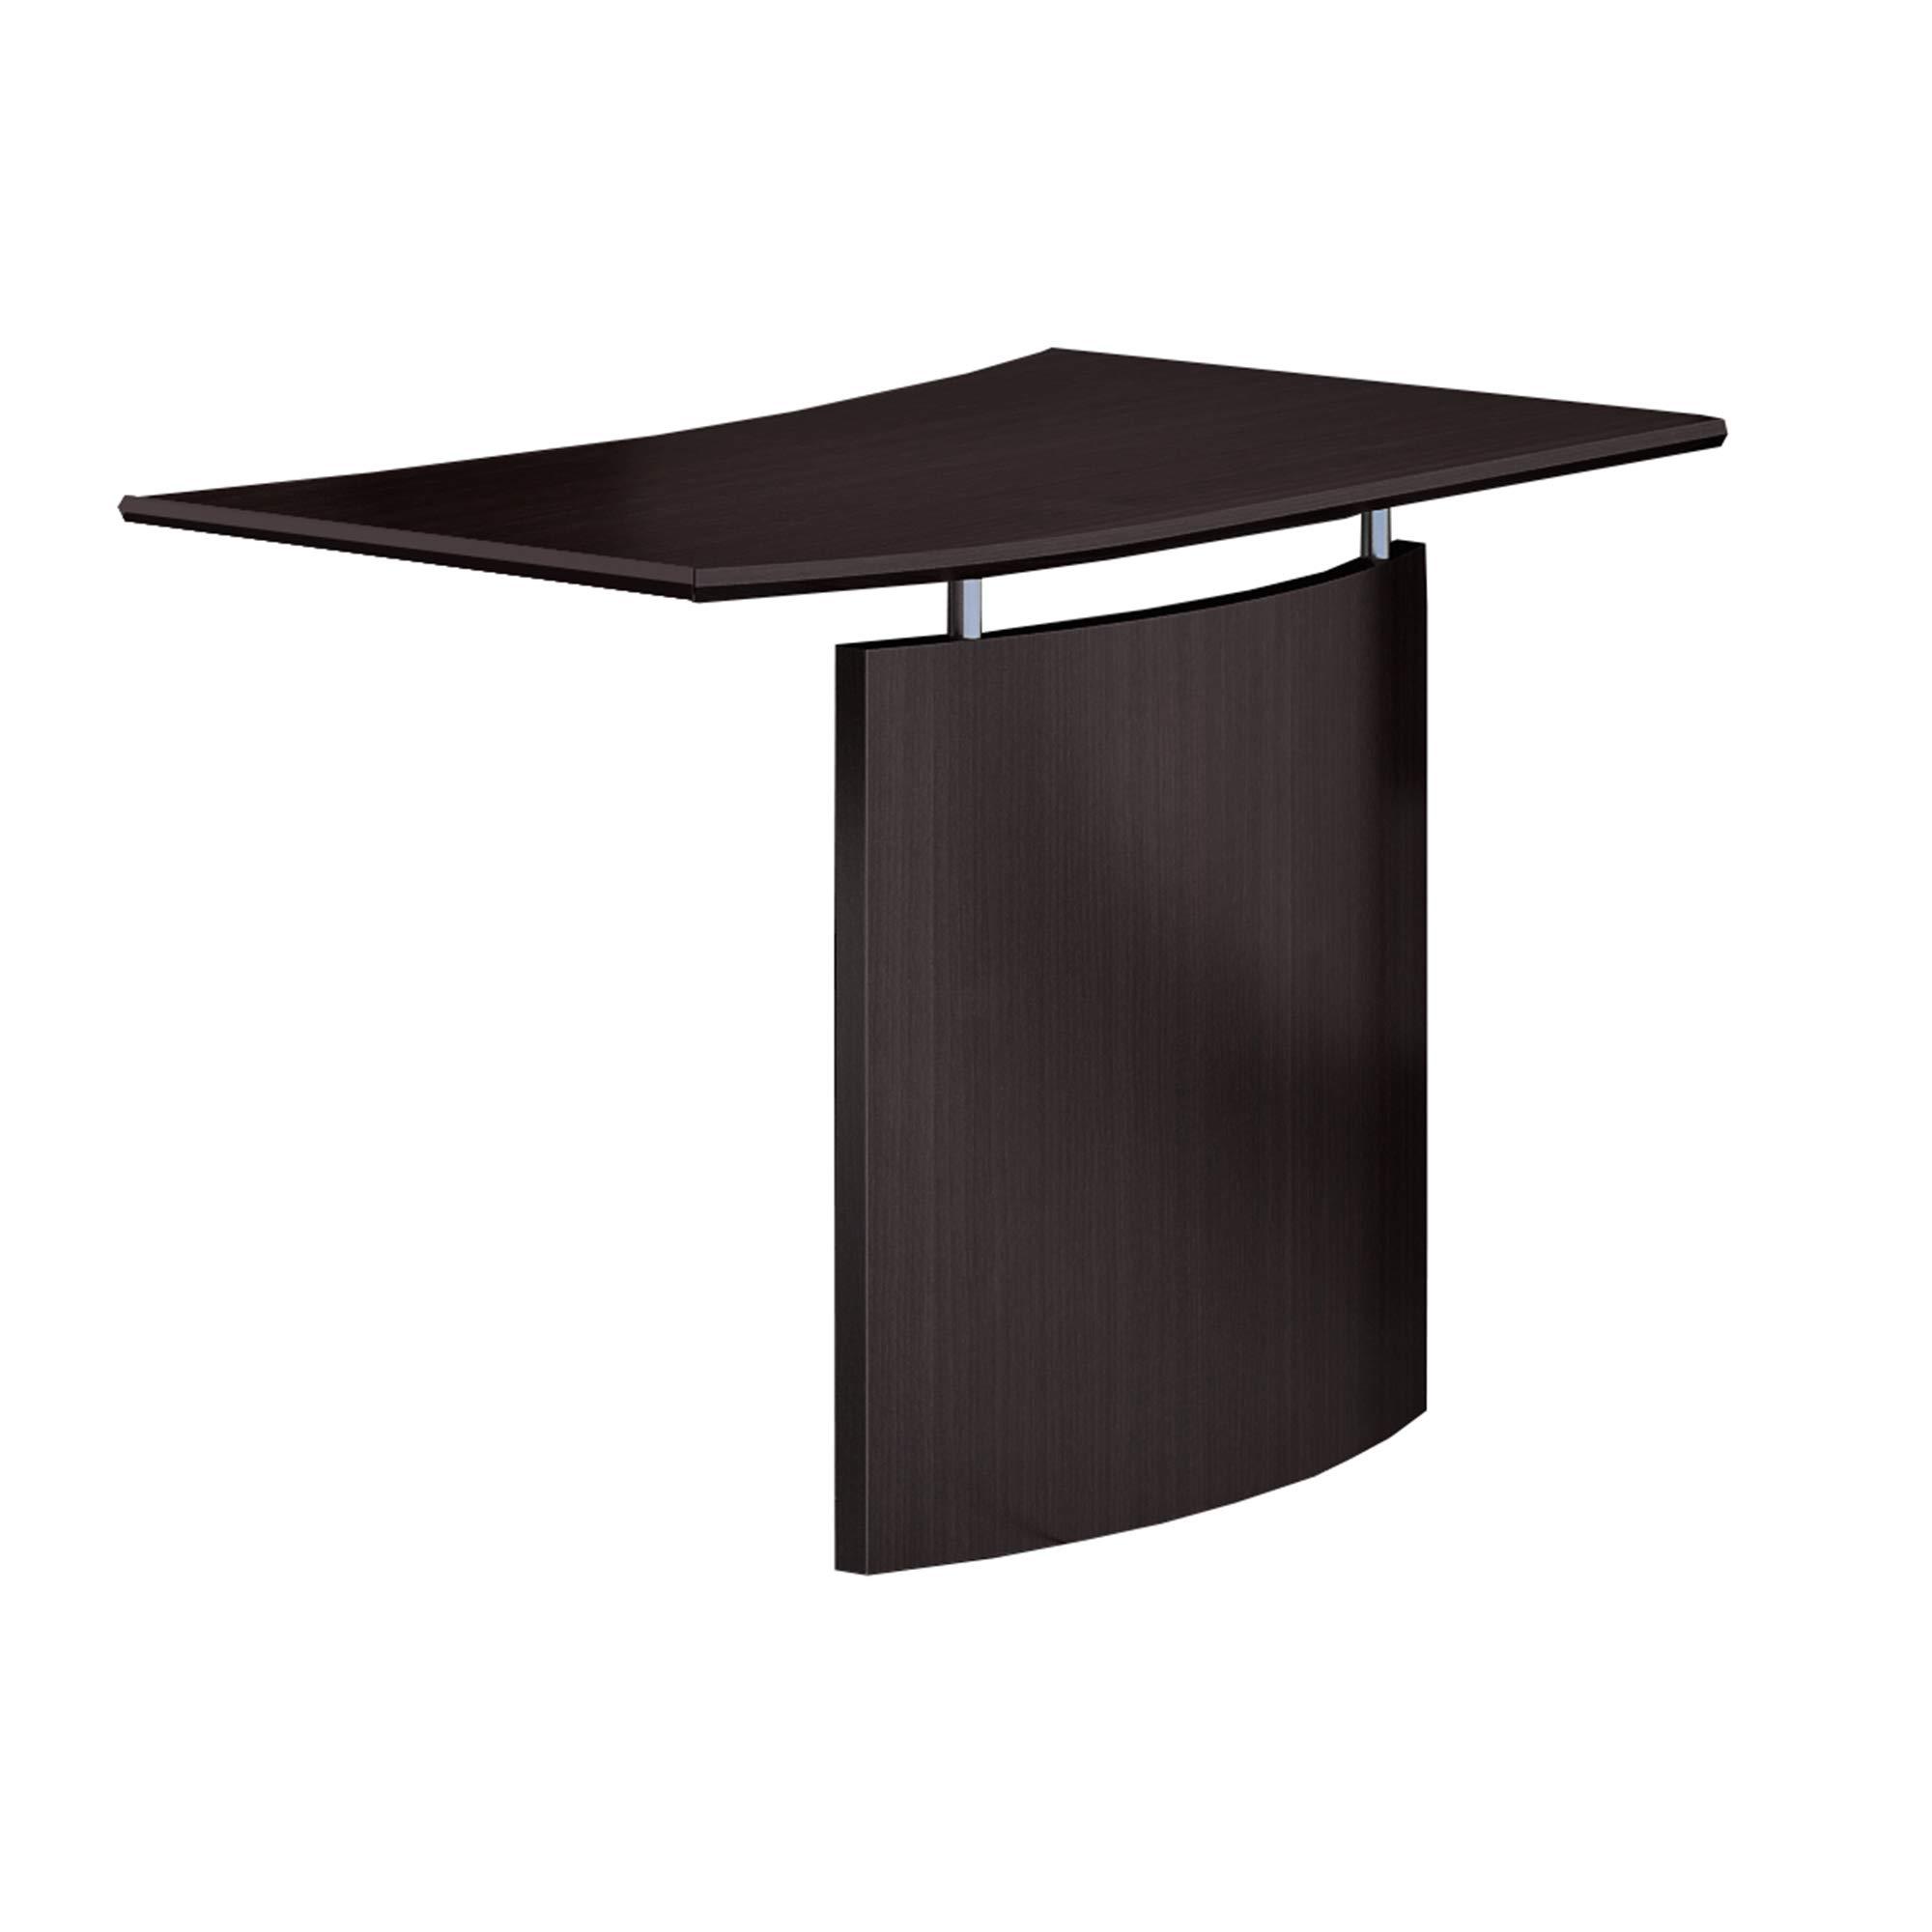 Safco Medina Desk, Mocha Laminate by Safco